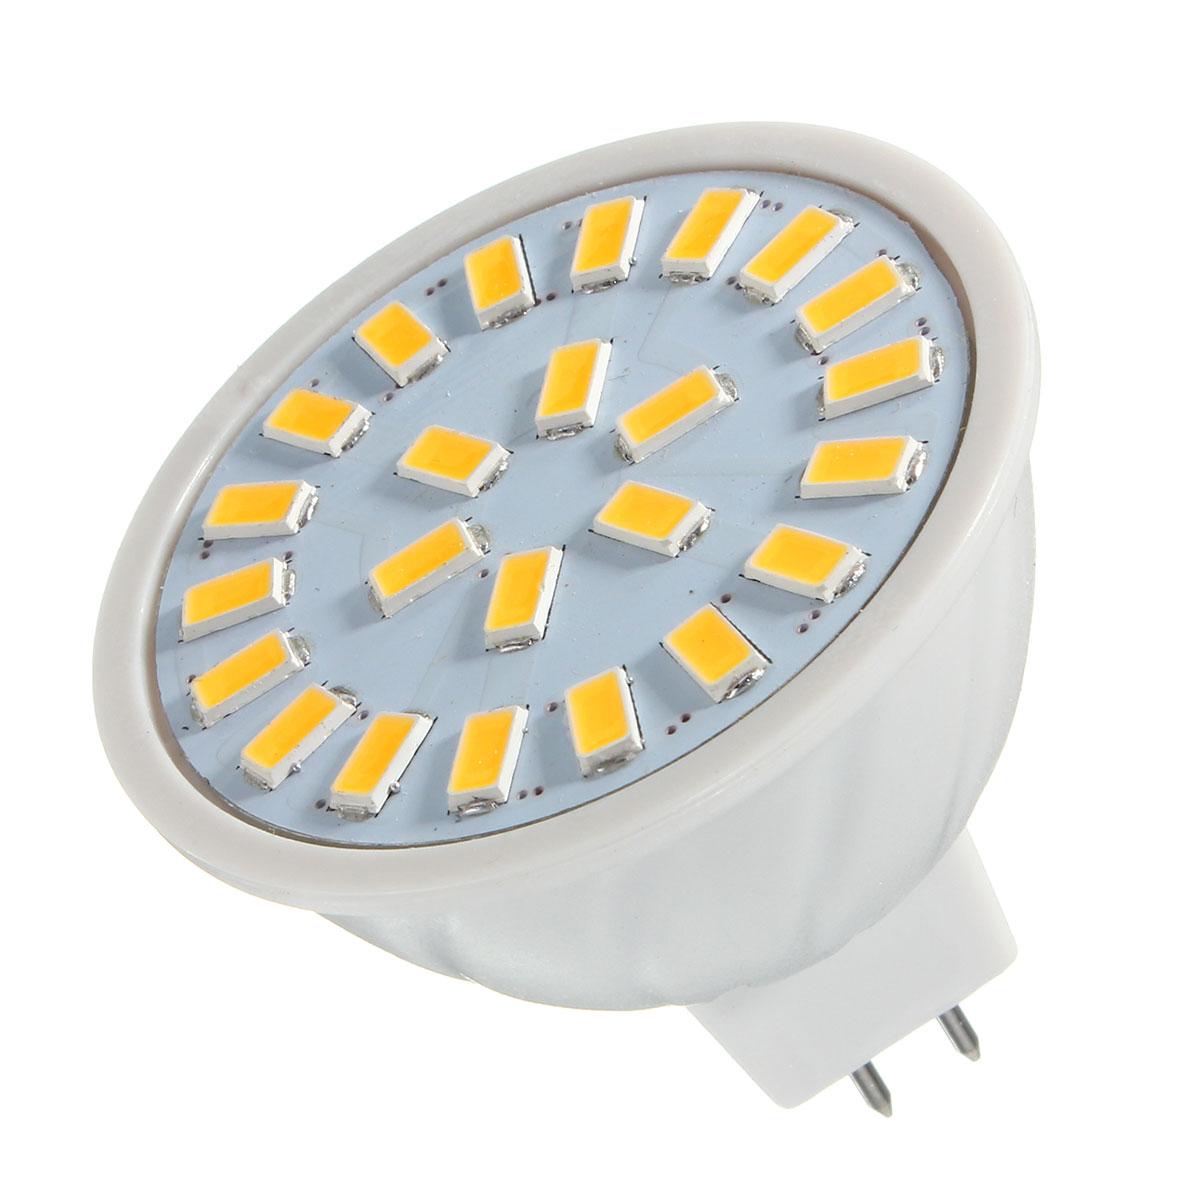 E14 E27 GU10 MR16 AC85-265V 3.5W 24 SMD 5730 Pure White Warm White LED Spot Lightt Bulbs 350LM